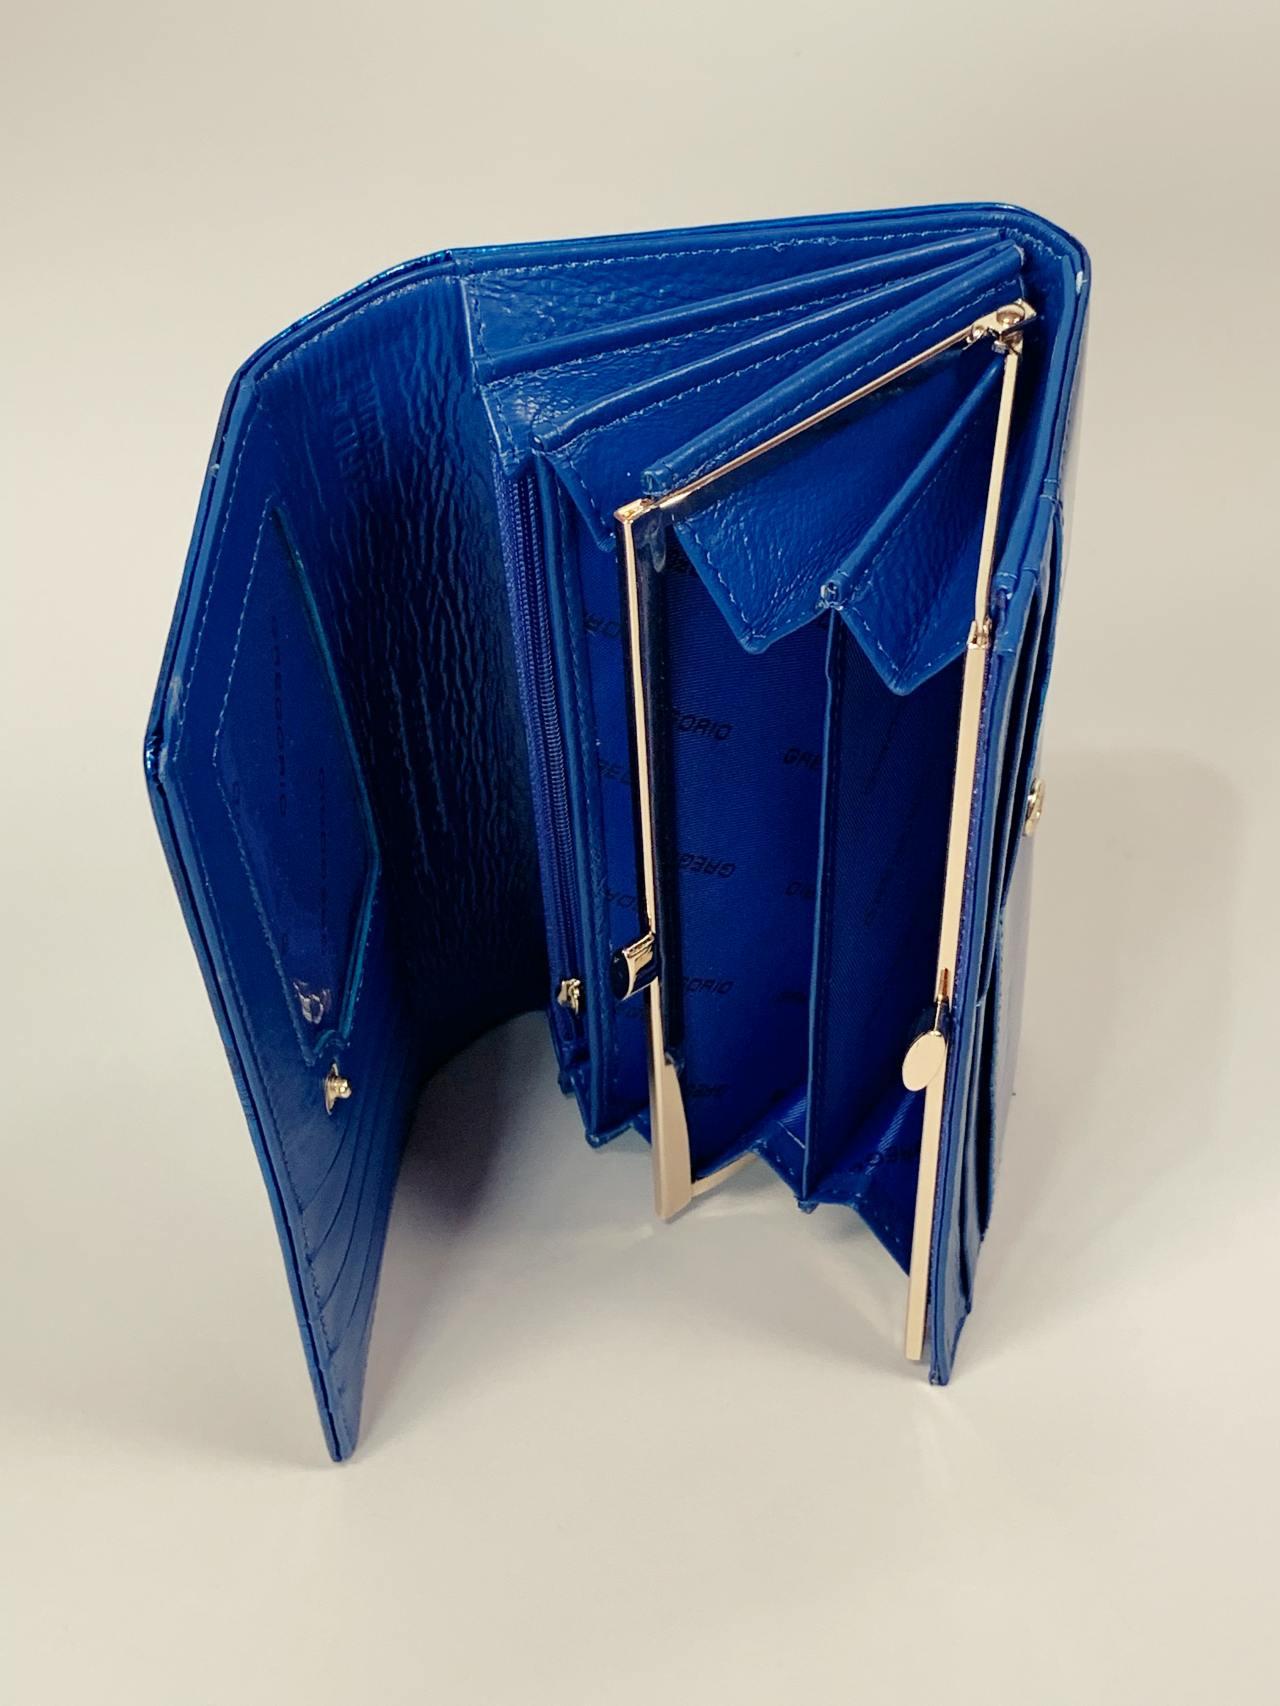 Kožená peněženka Gregorio L modrá s motýly -04